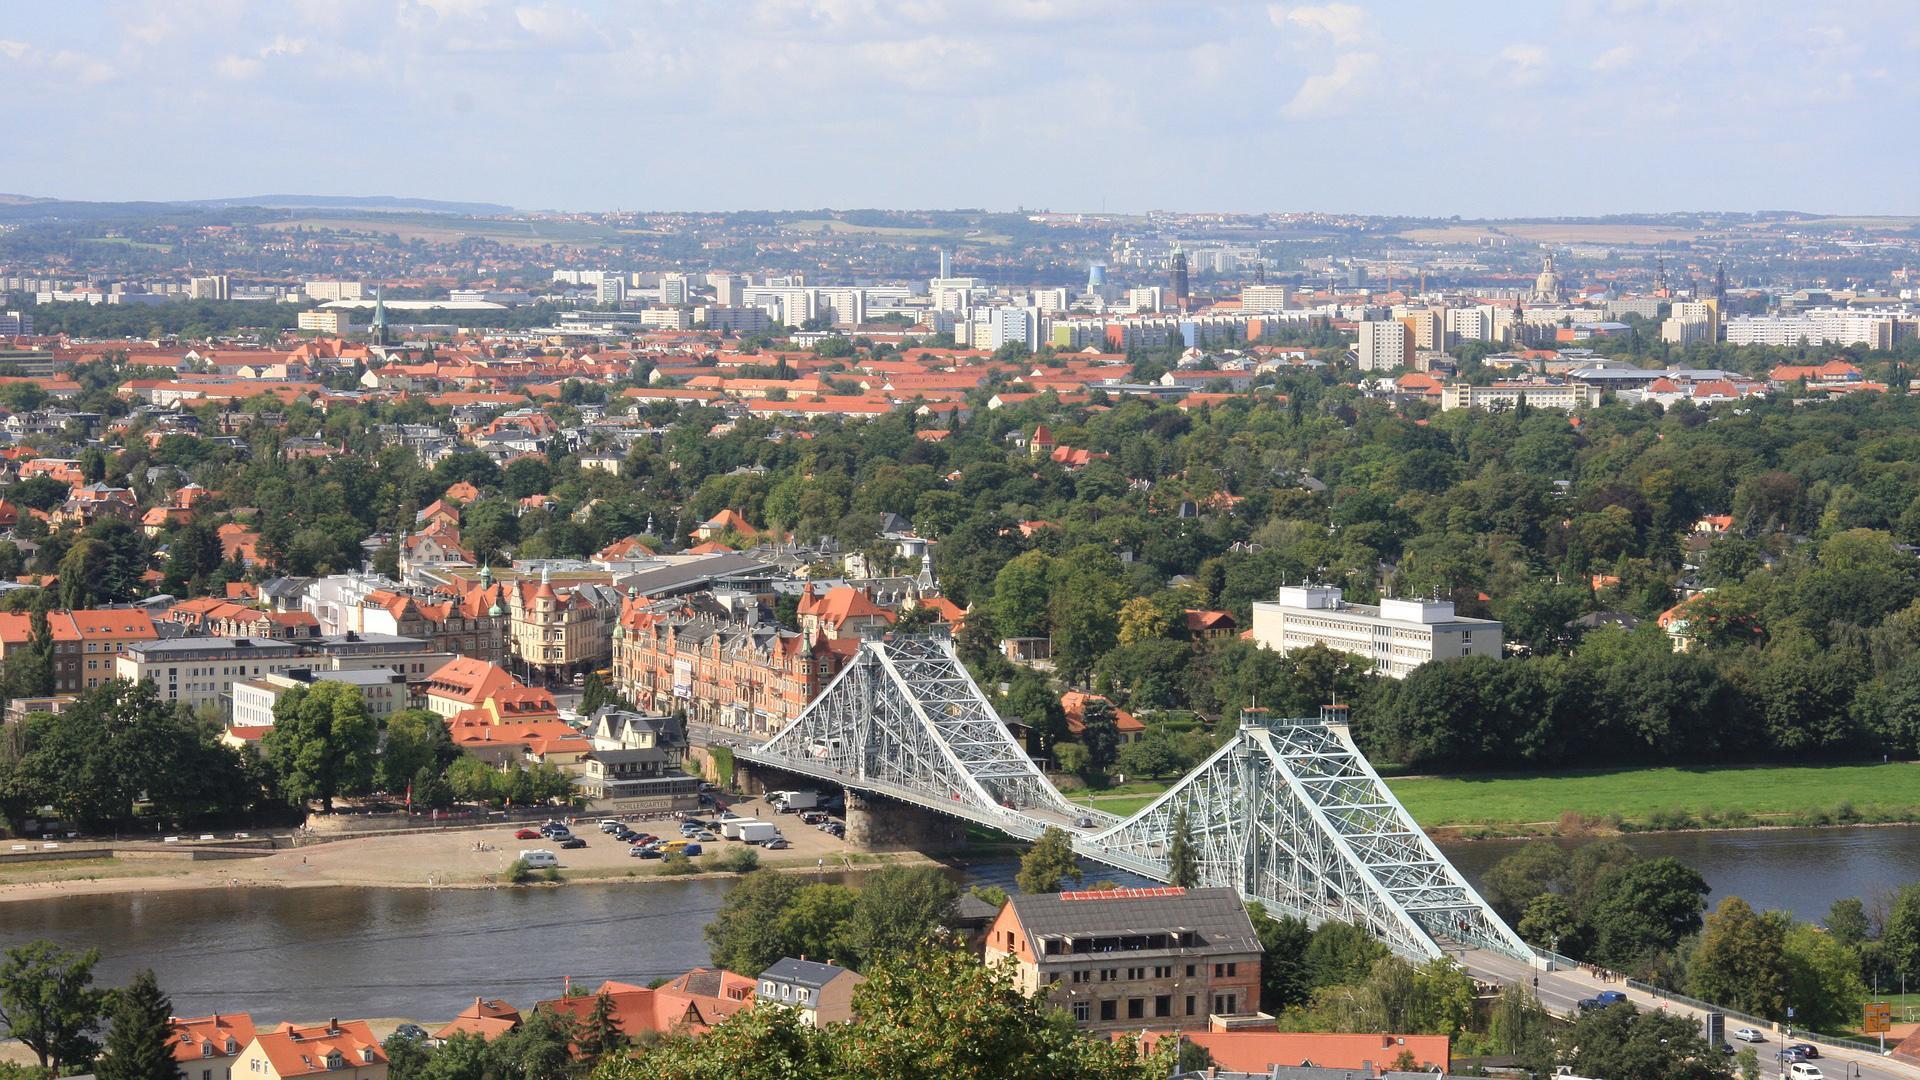 Die Loschwitzer Brücke ist eine der wichtigsten Sehenswürdigkeiten in Dresden